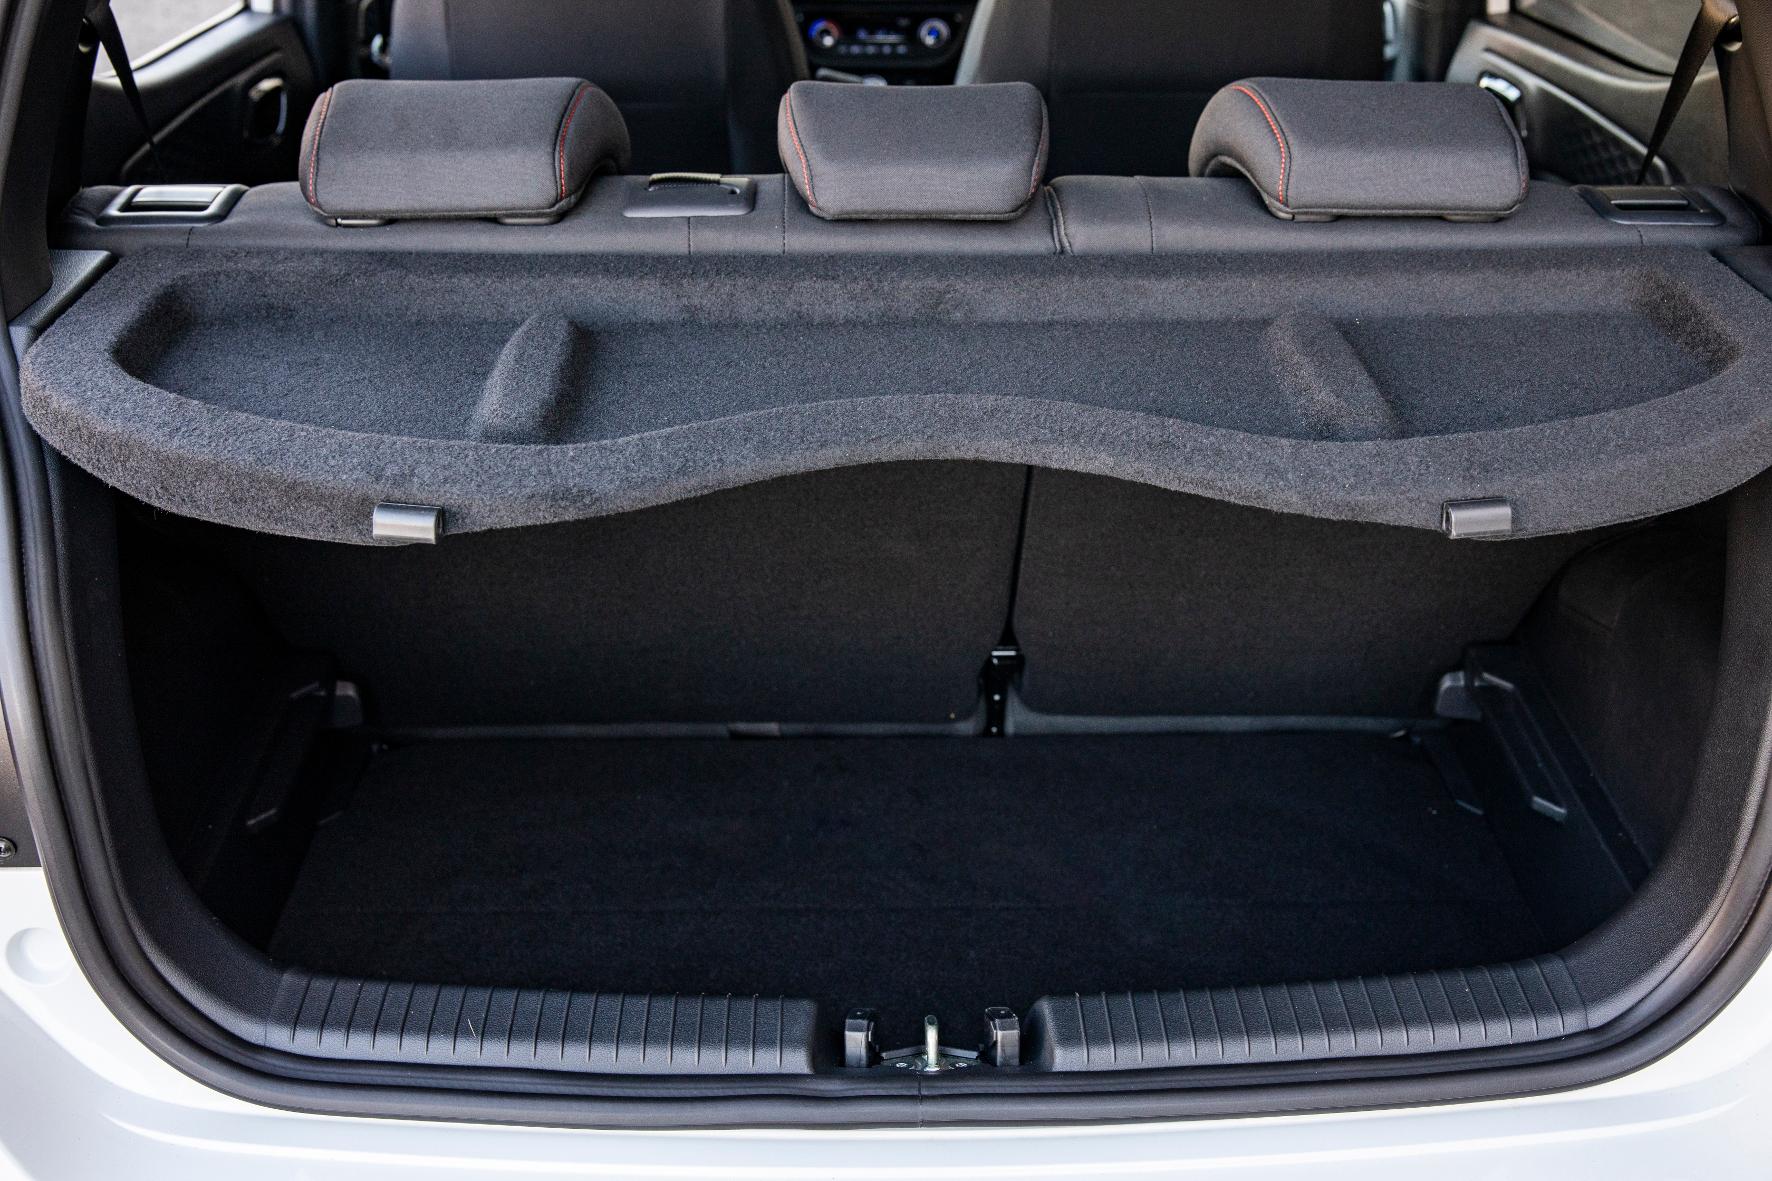 Der Kofferraum des i10 fasst mindestens 252 Liter Gepäck, die Ladekante ist leicht abgesenkt.